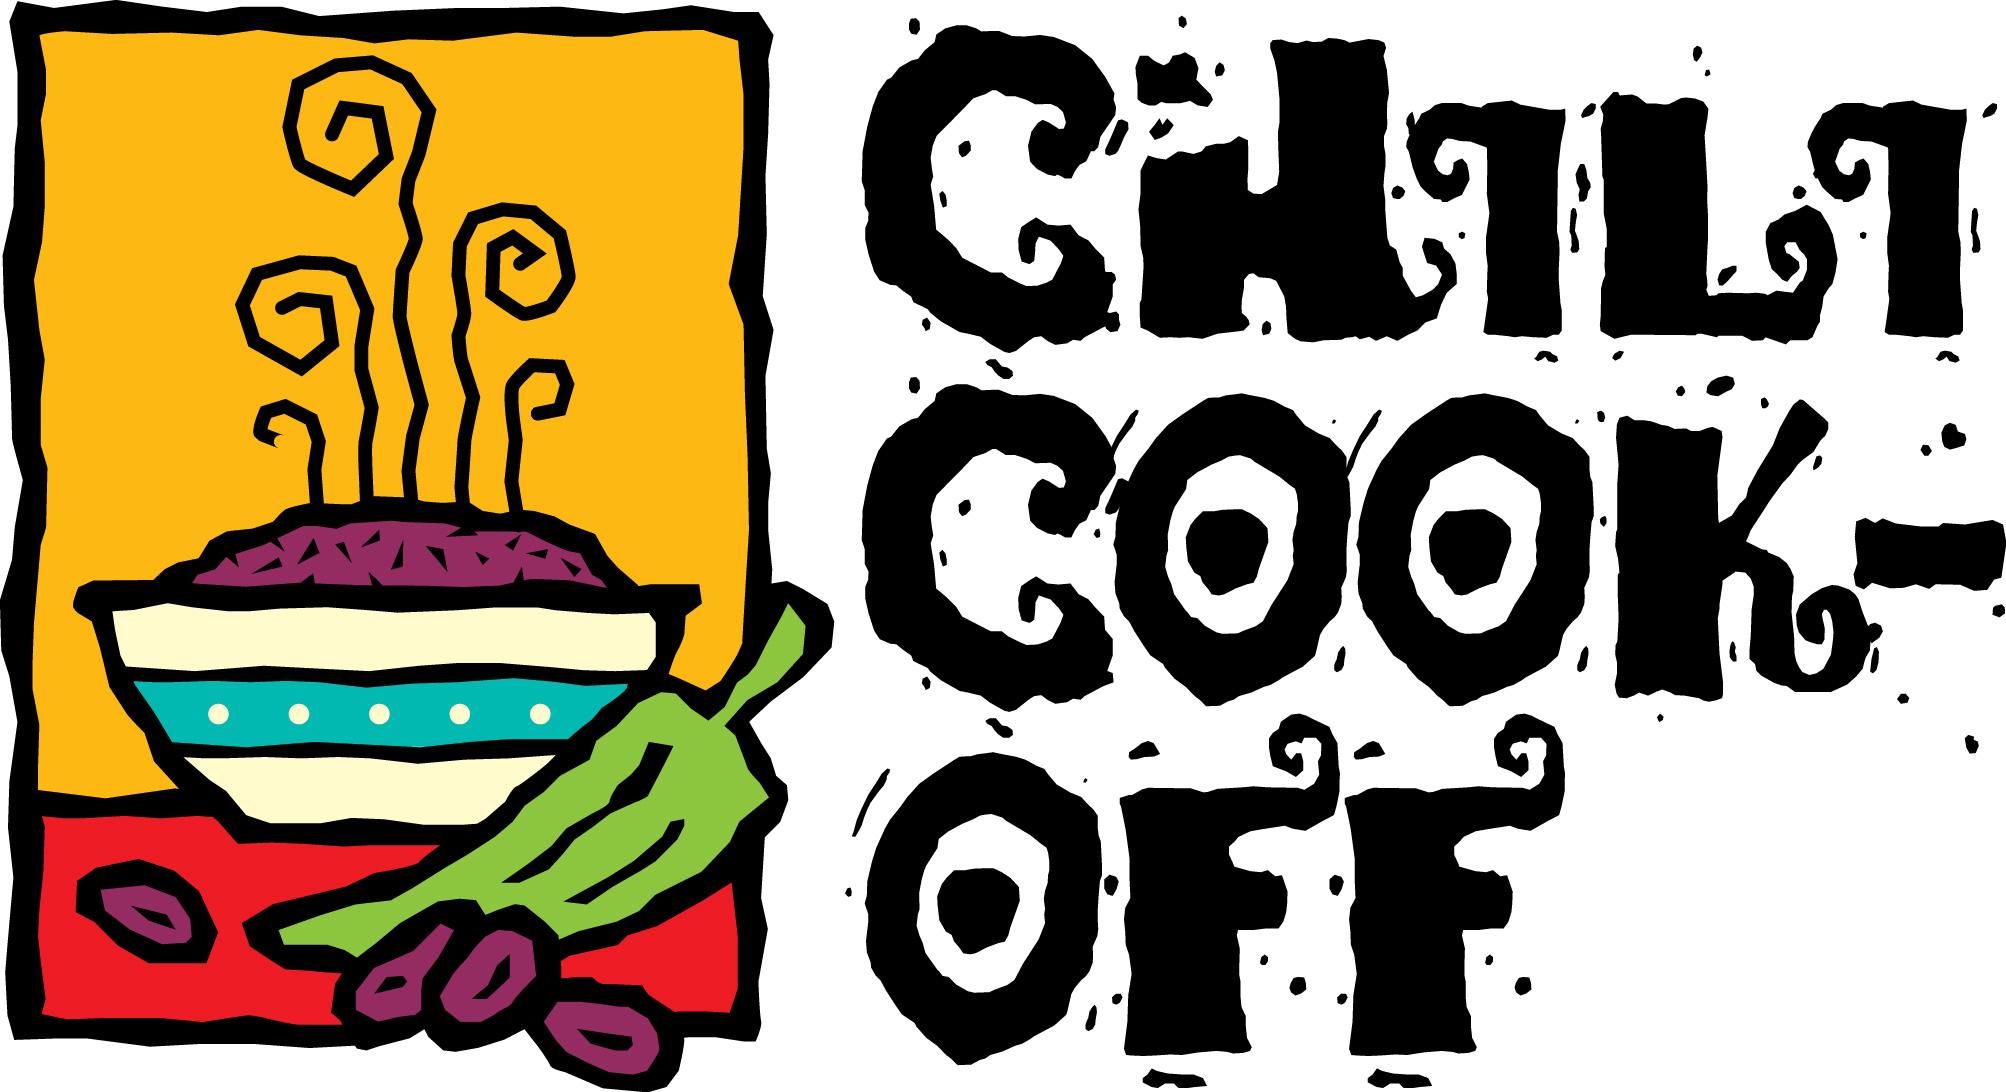 Free Chili Cliparts, Download Free Clip Art, Free Clip Art.